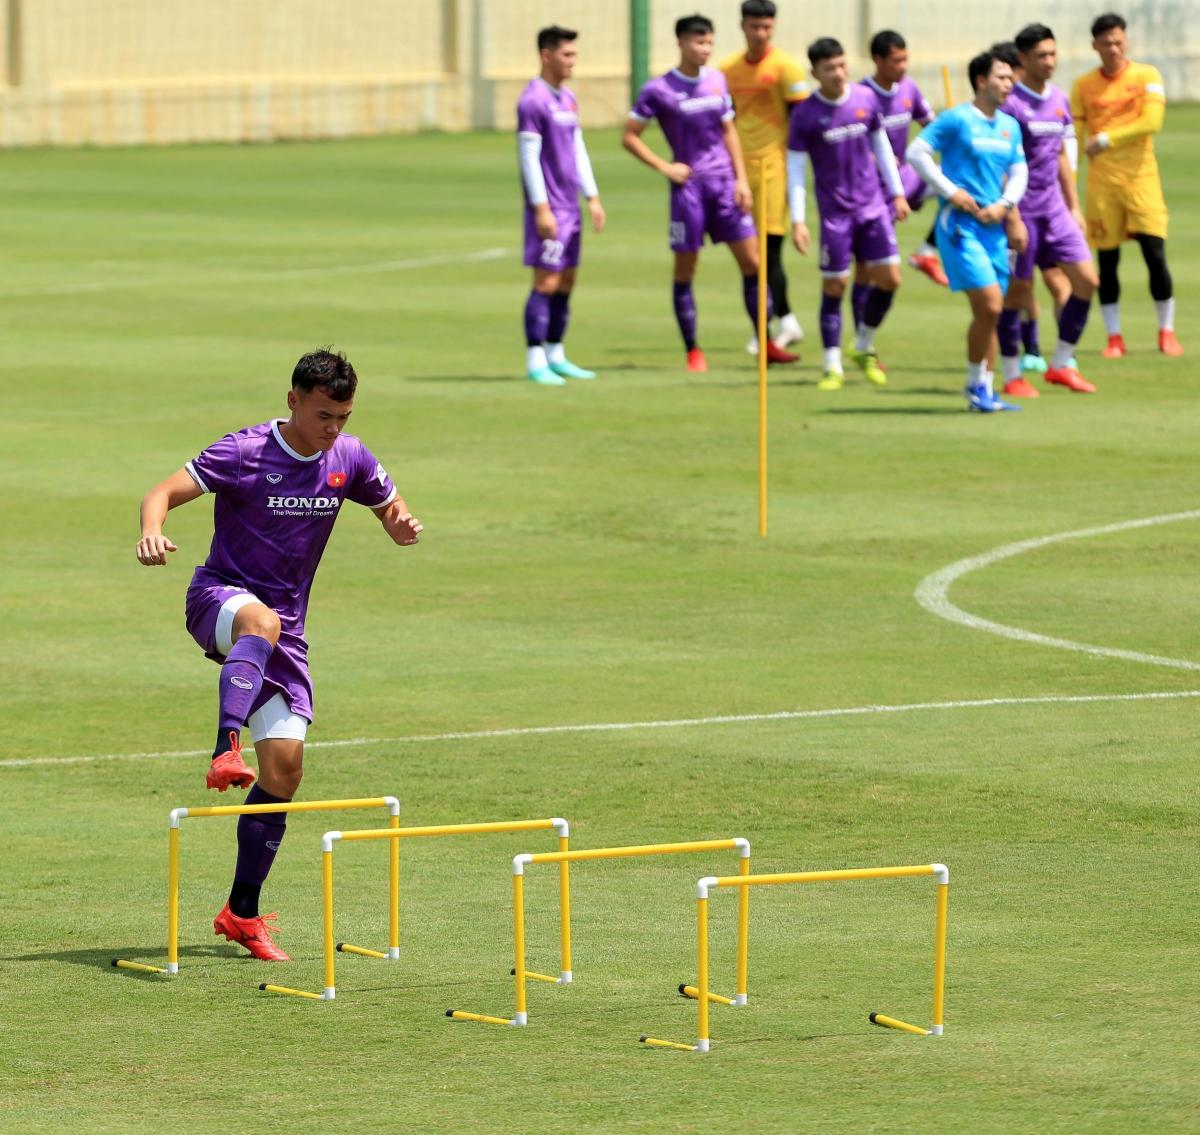 Theo lịch thi đấu tại vòng loại World Cup 2022, ĐT Việt Nam sẽ gặp Trung Quốc trên sân trung lập ở UAE vào ngày 7/10 sau đó tới làm khách của Oman vào ngày 12/7.